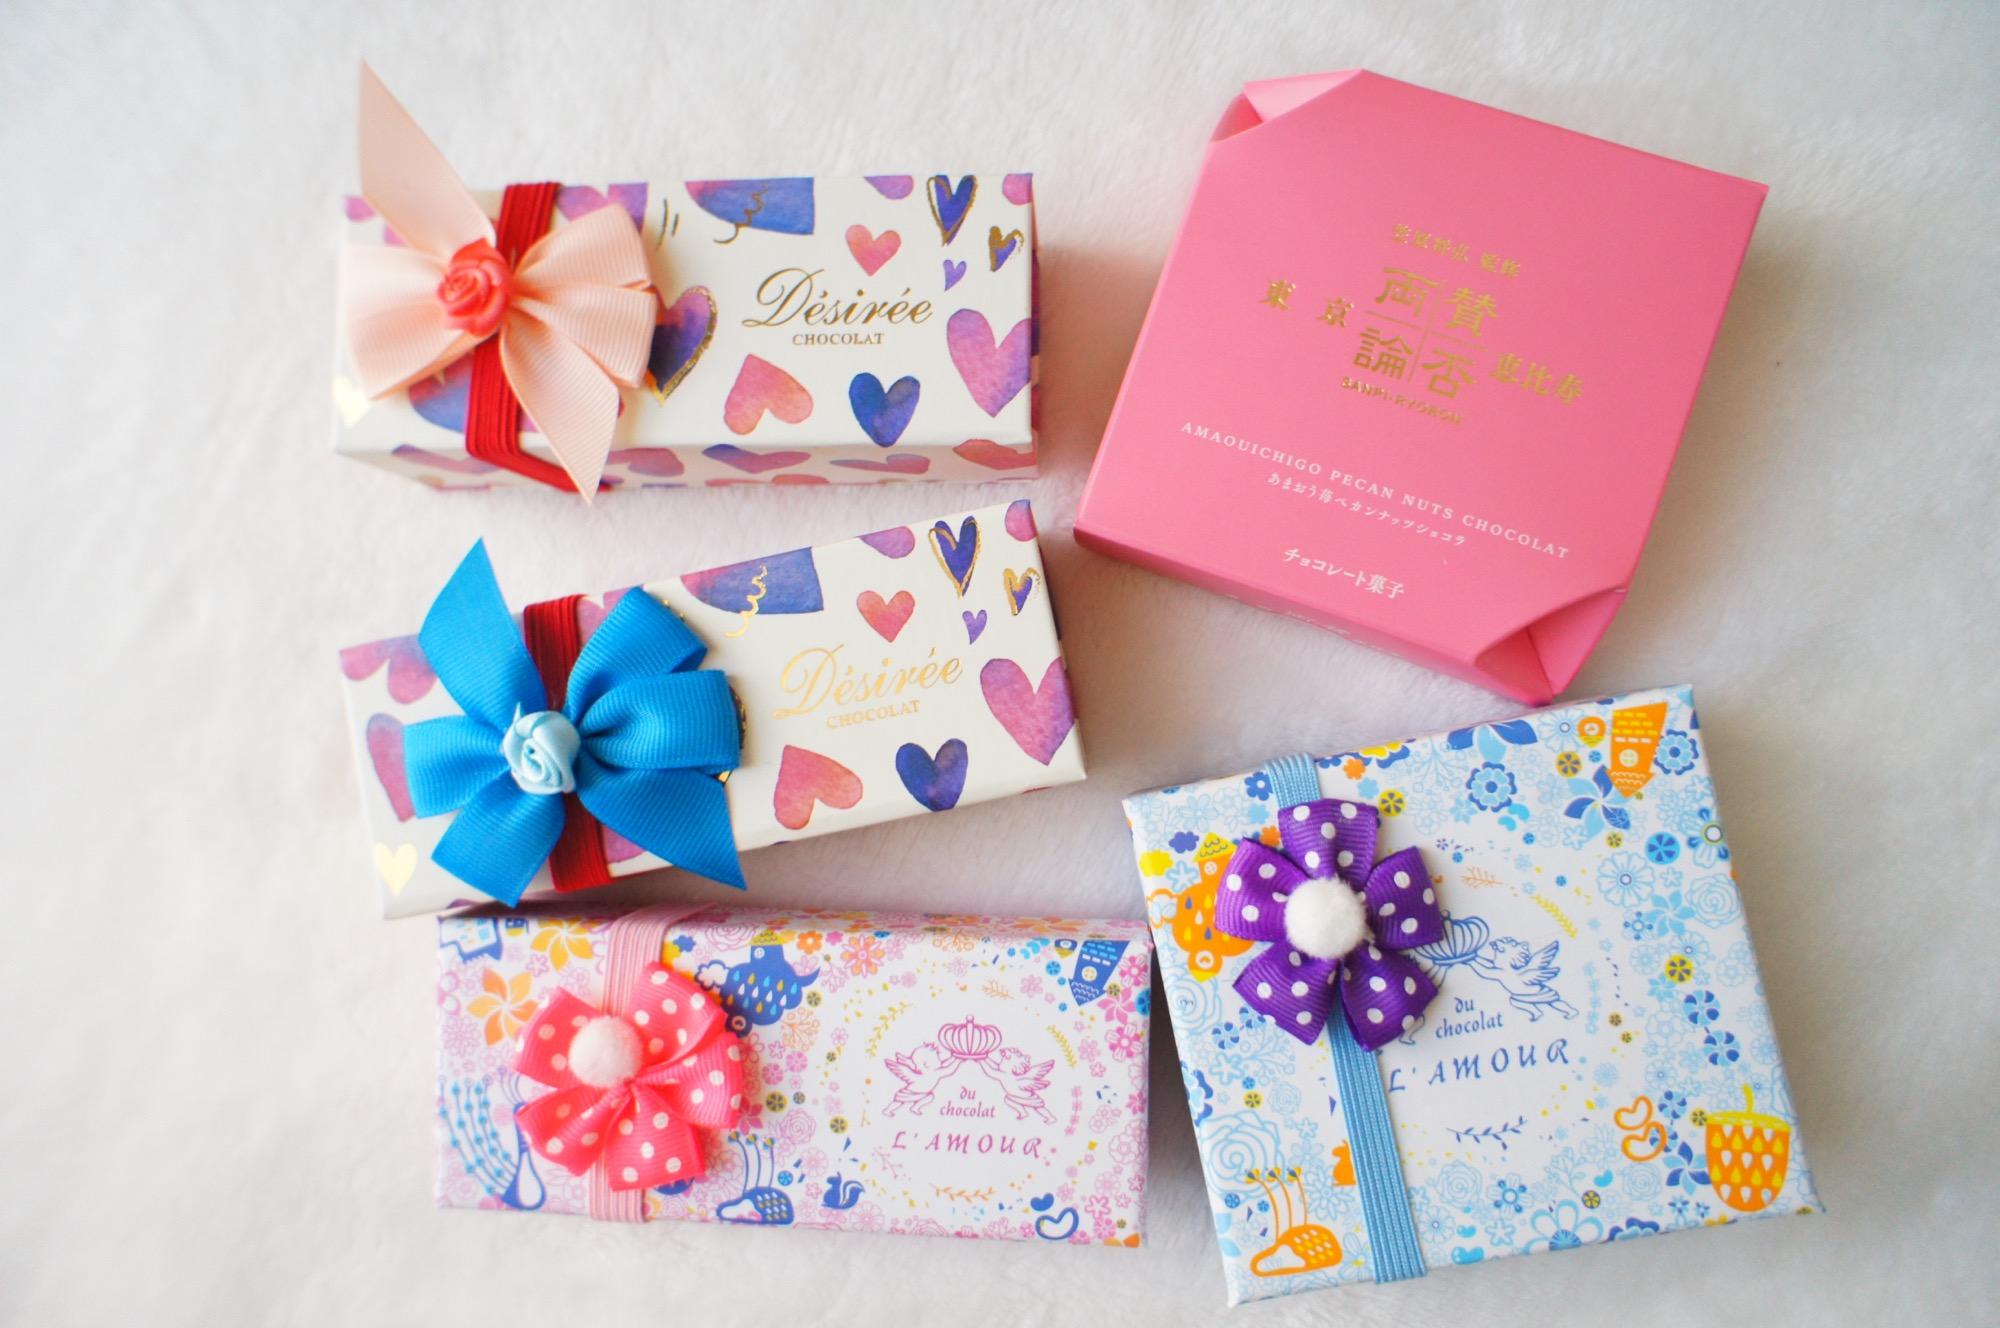 《大丸東京で買える❤️》【予算¥800以内】のバレンタインチョコ3選☻_1